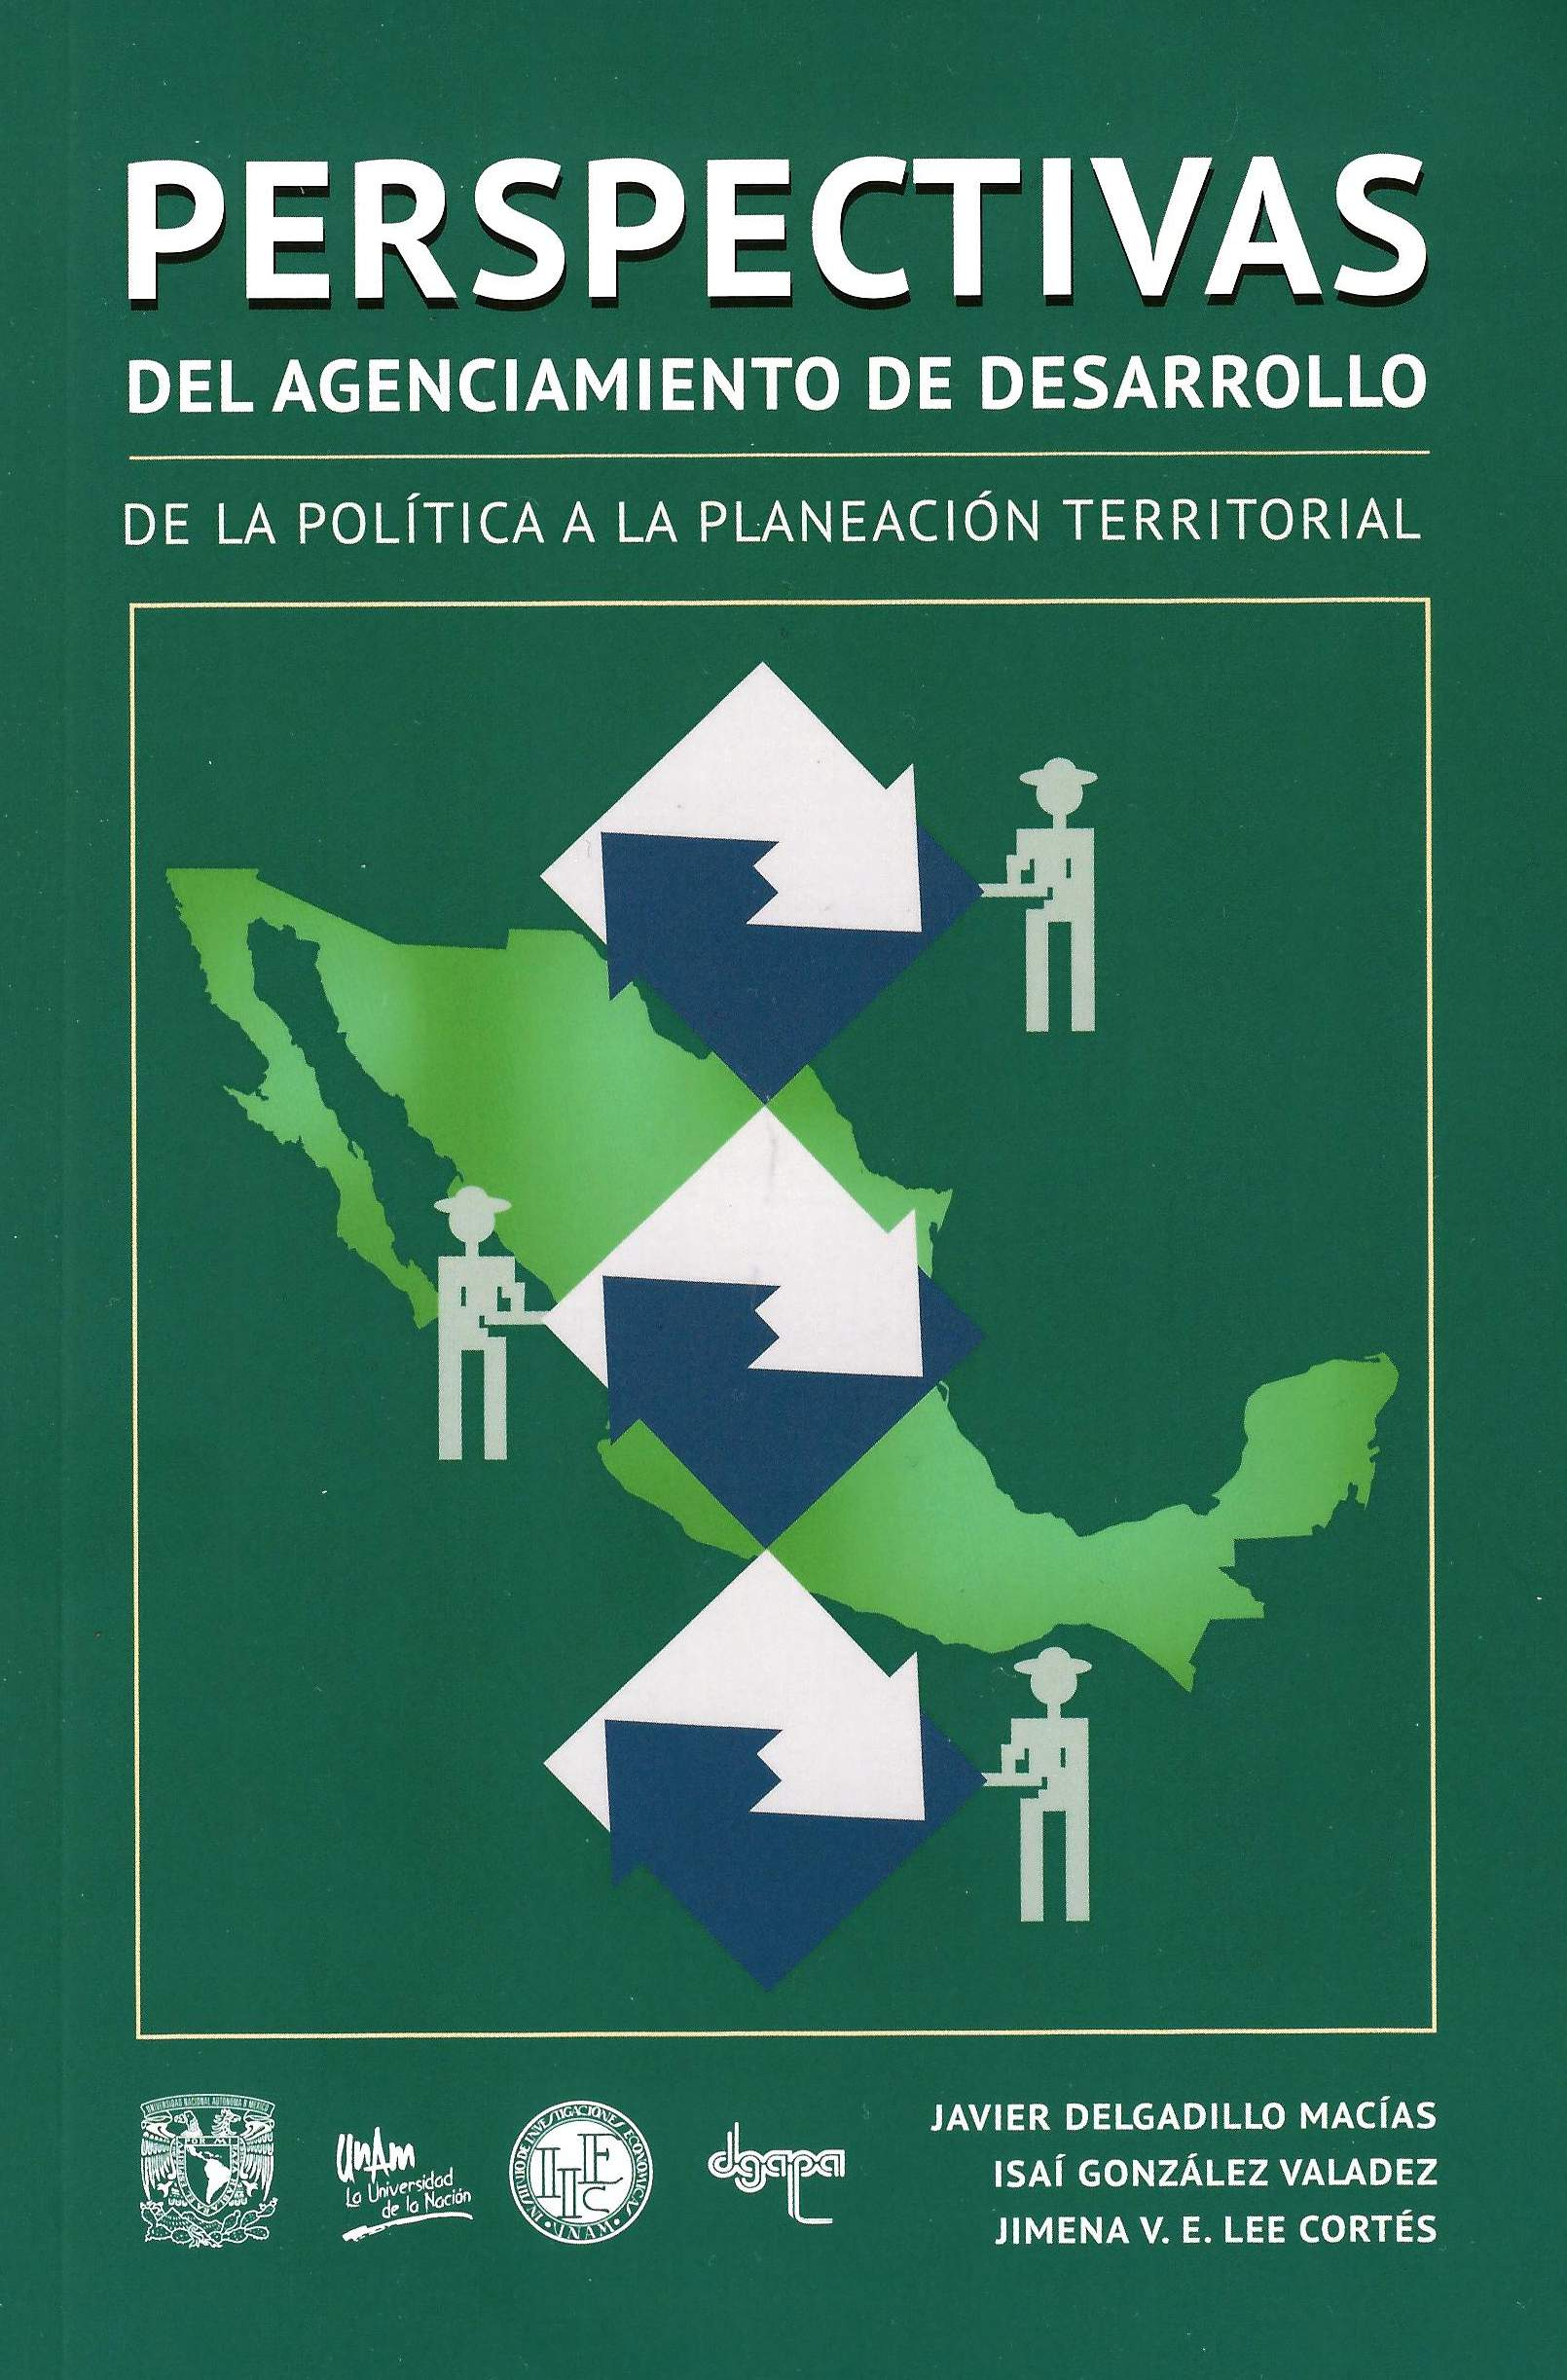 Perspectivas del agenciamiento de desarrollo de la política a la planeación territorial